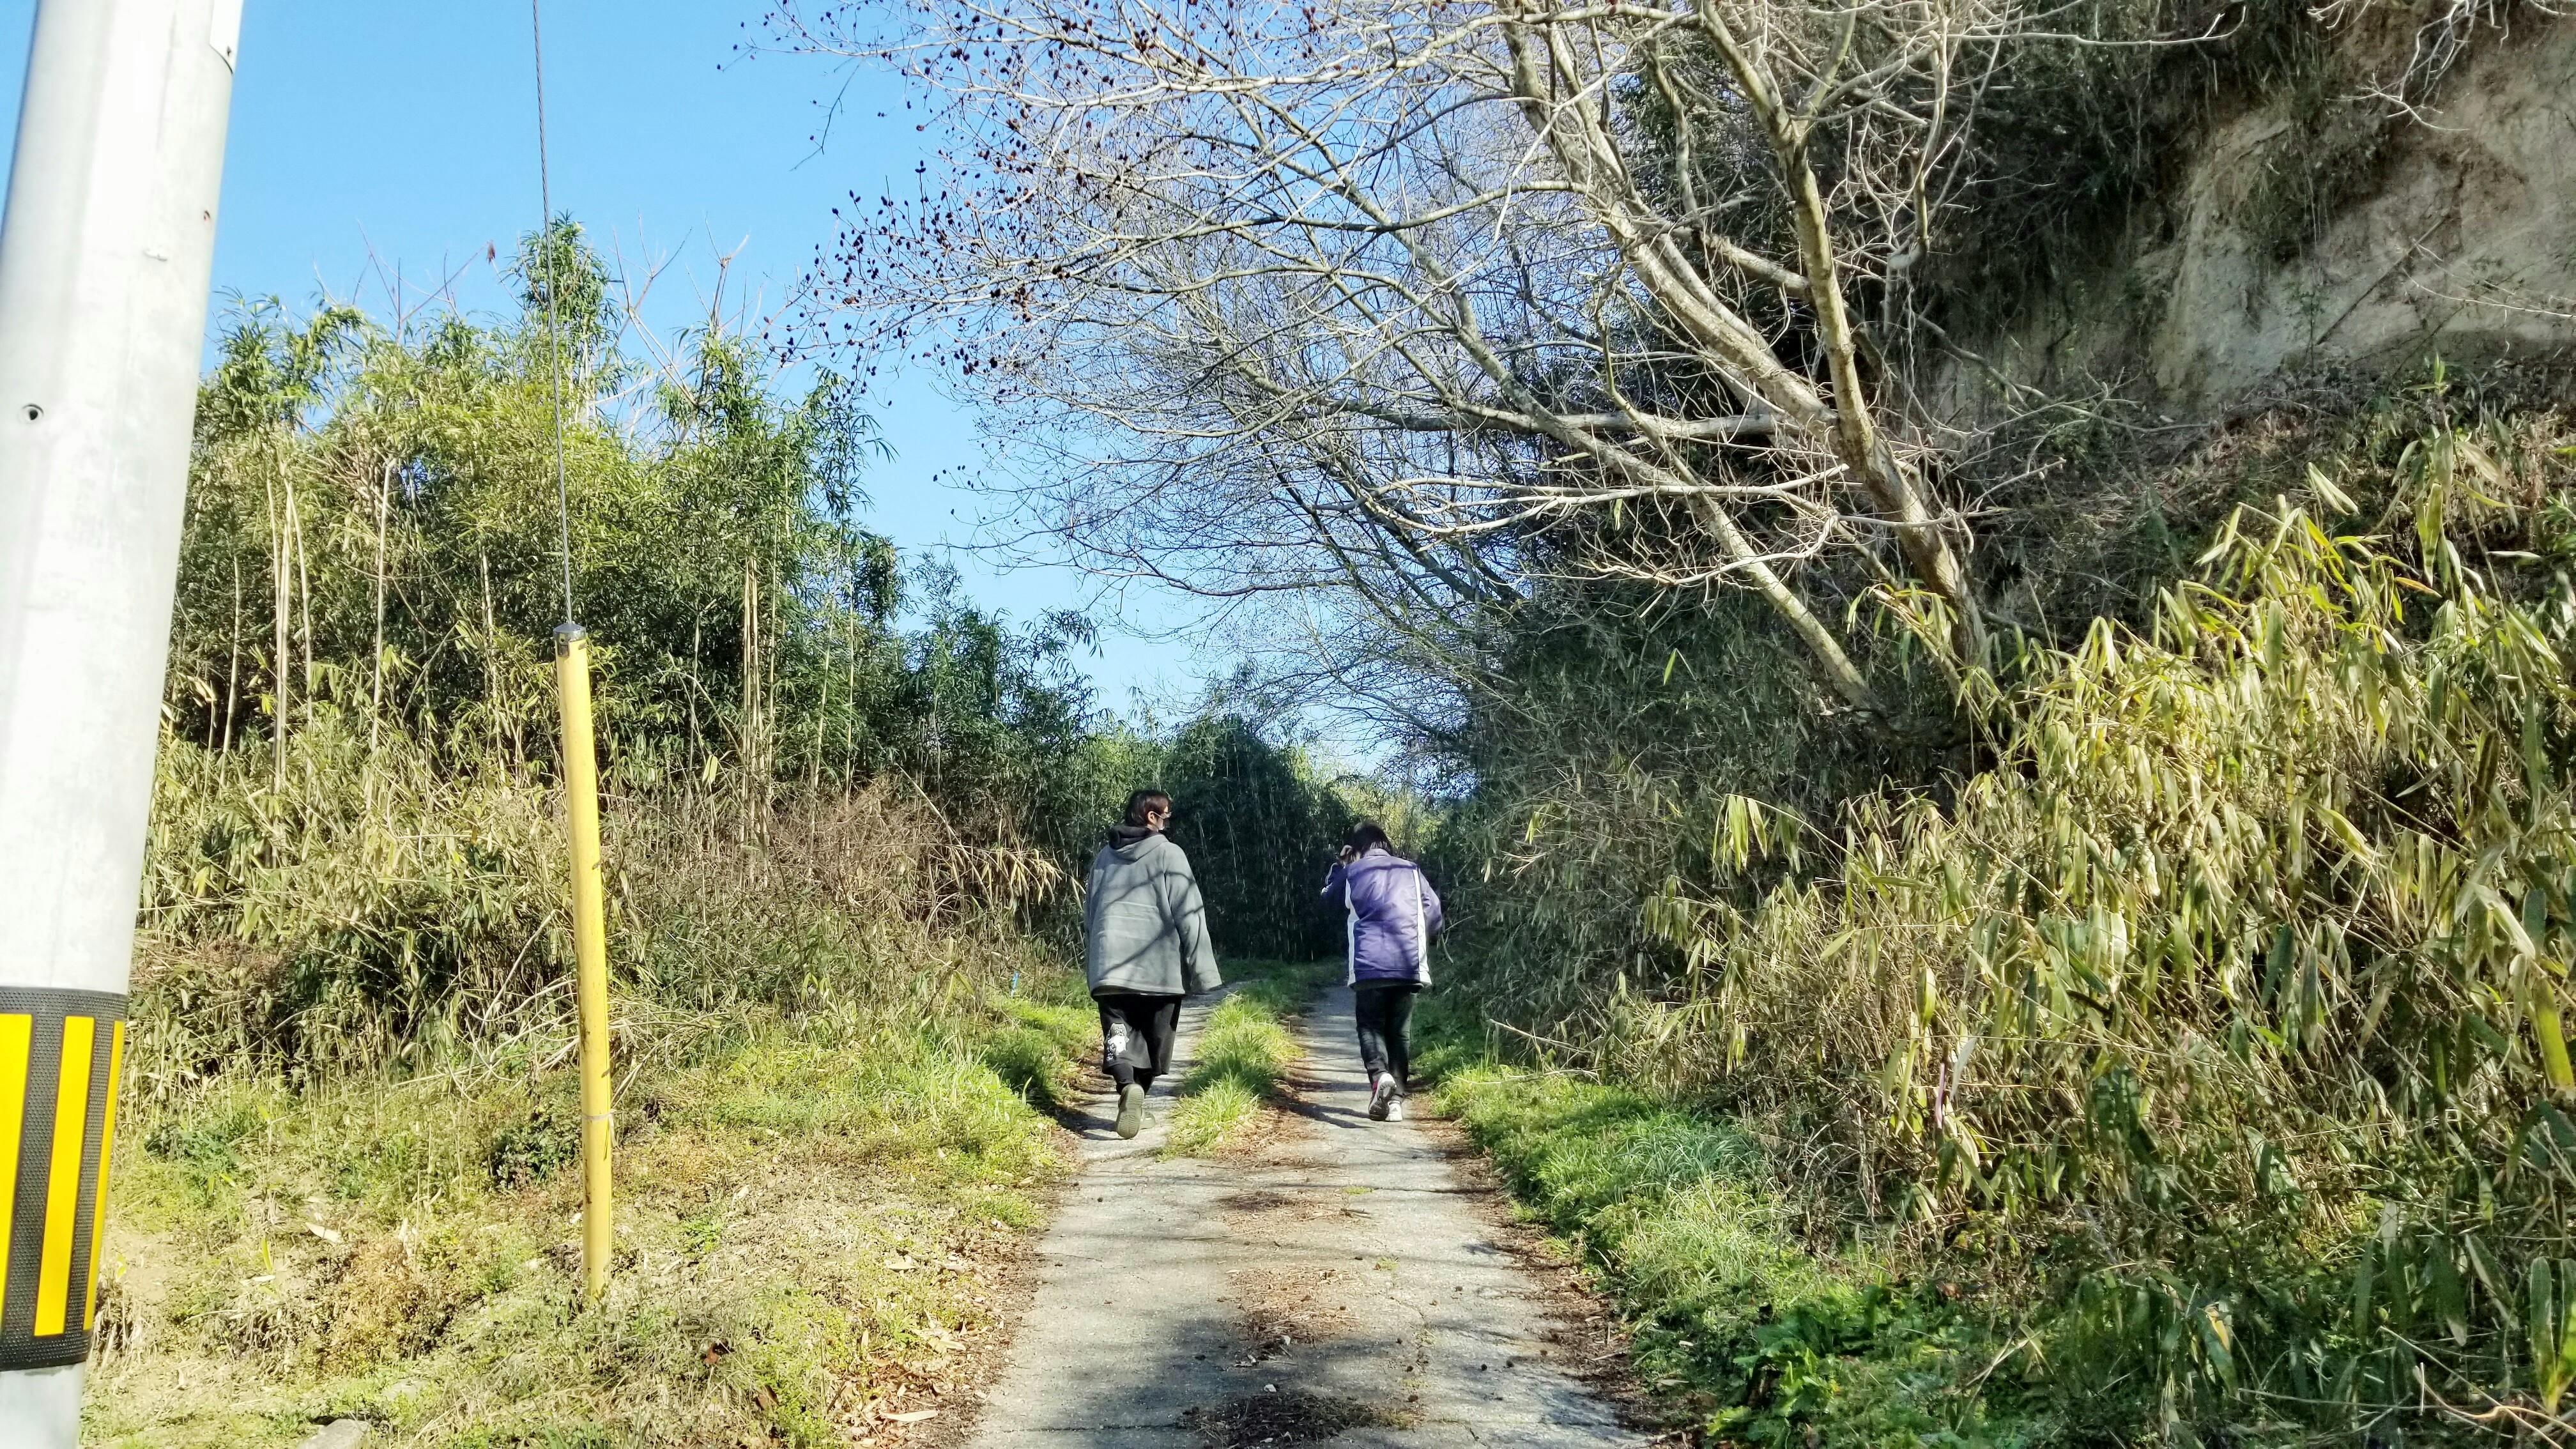 つくし山菜採り山登り遊び楽しい事1日のんびり時間季節松山市